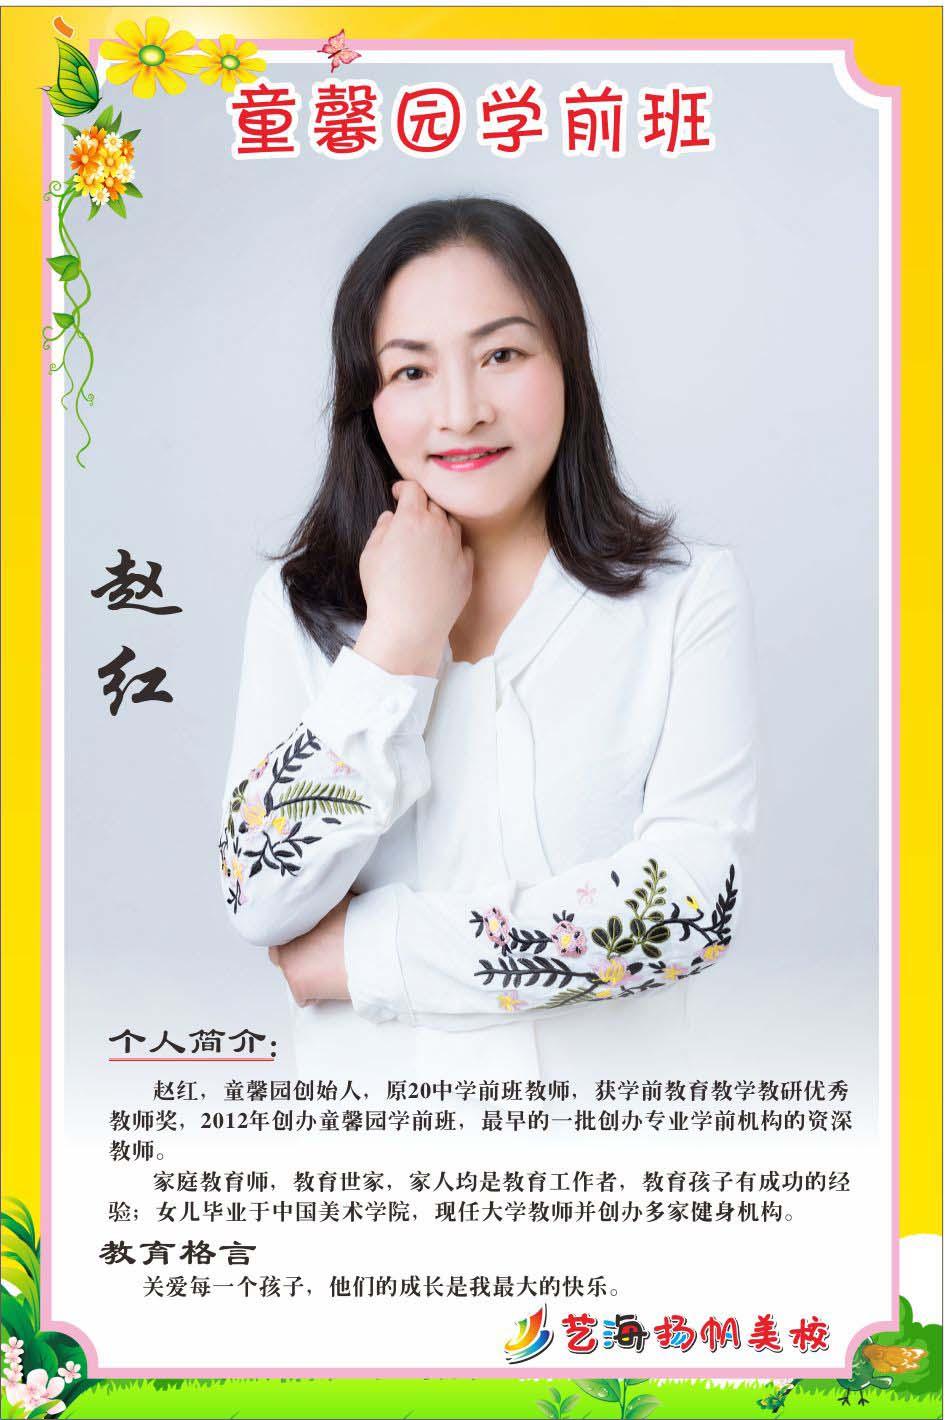 襄阳艺海扬帆学前班培训赵红老师